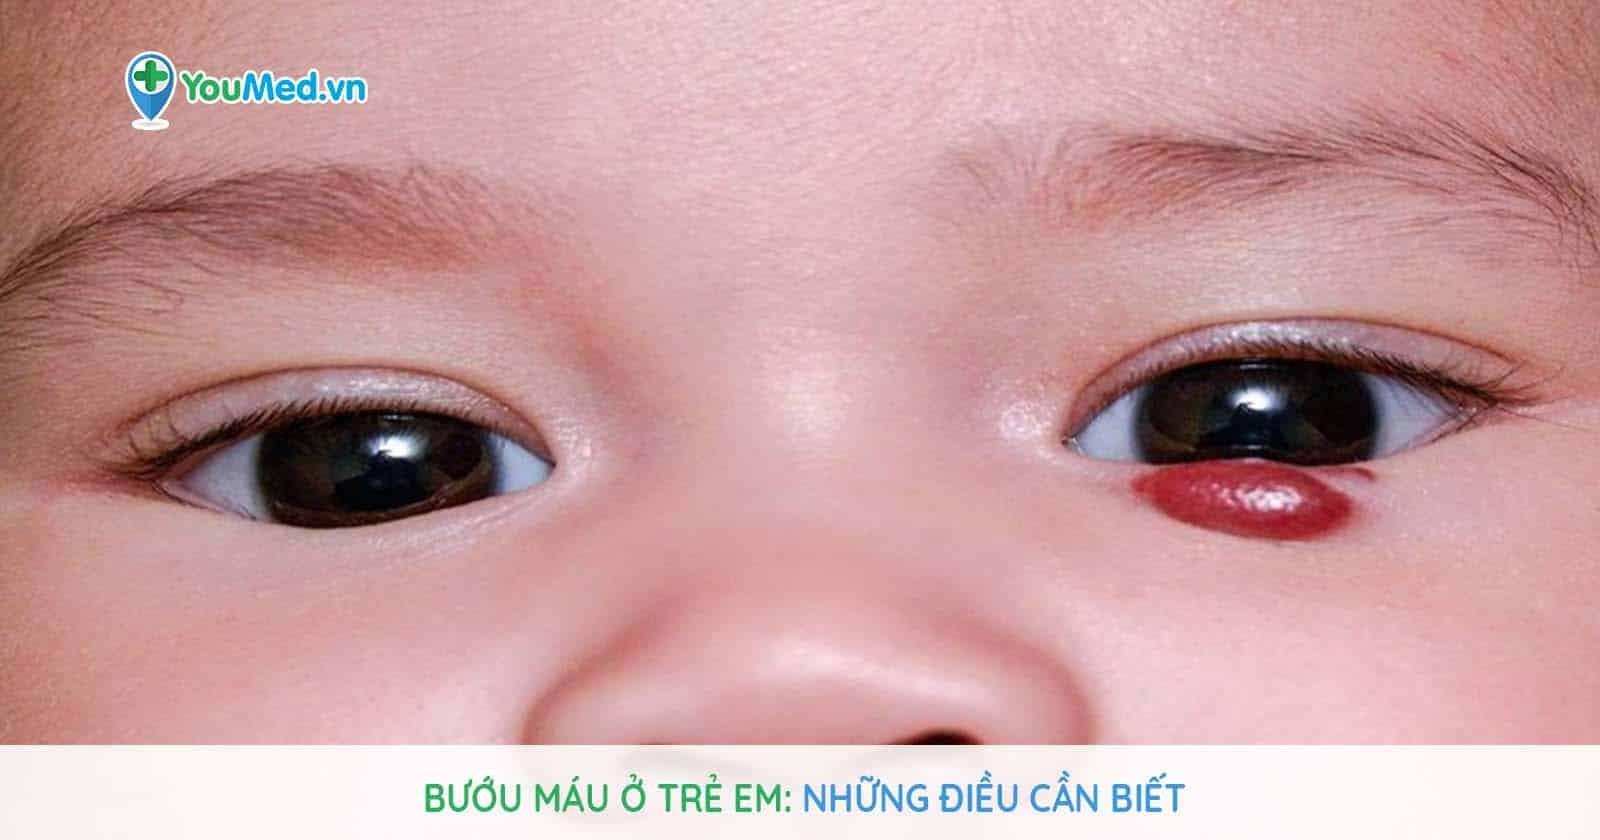 Bướu máu ở trẻ em: Những điều cần biết